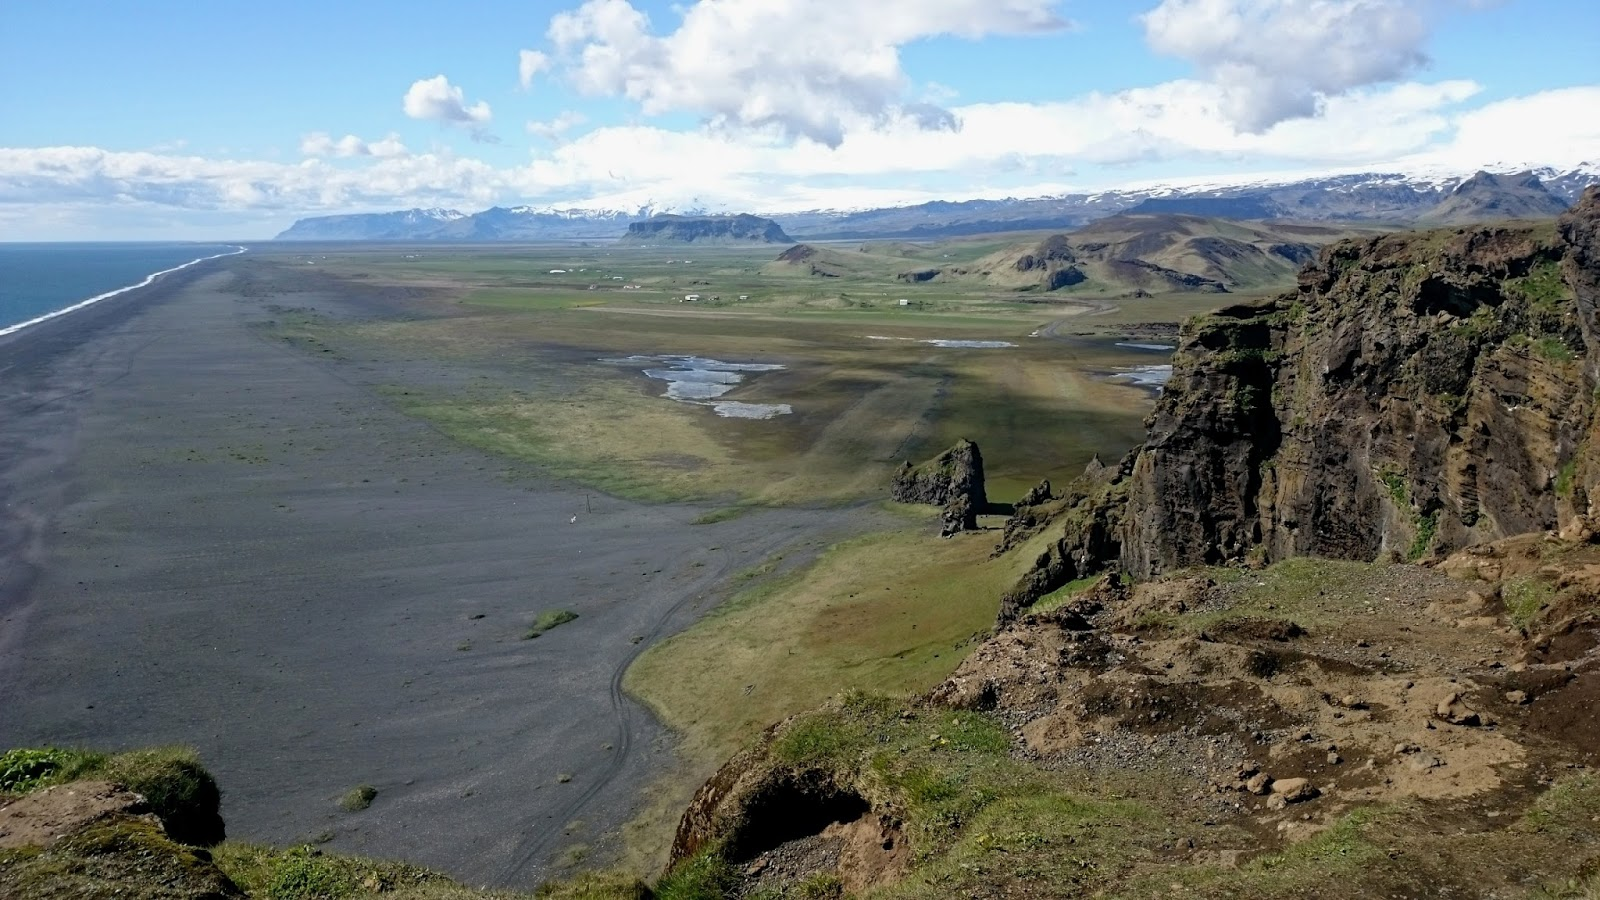 widok z Dyrholaey, Dyrholaey, południowa Islandia, atrakcje Islandii